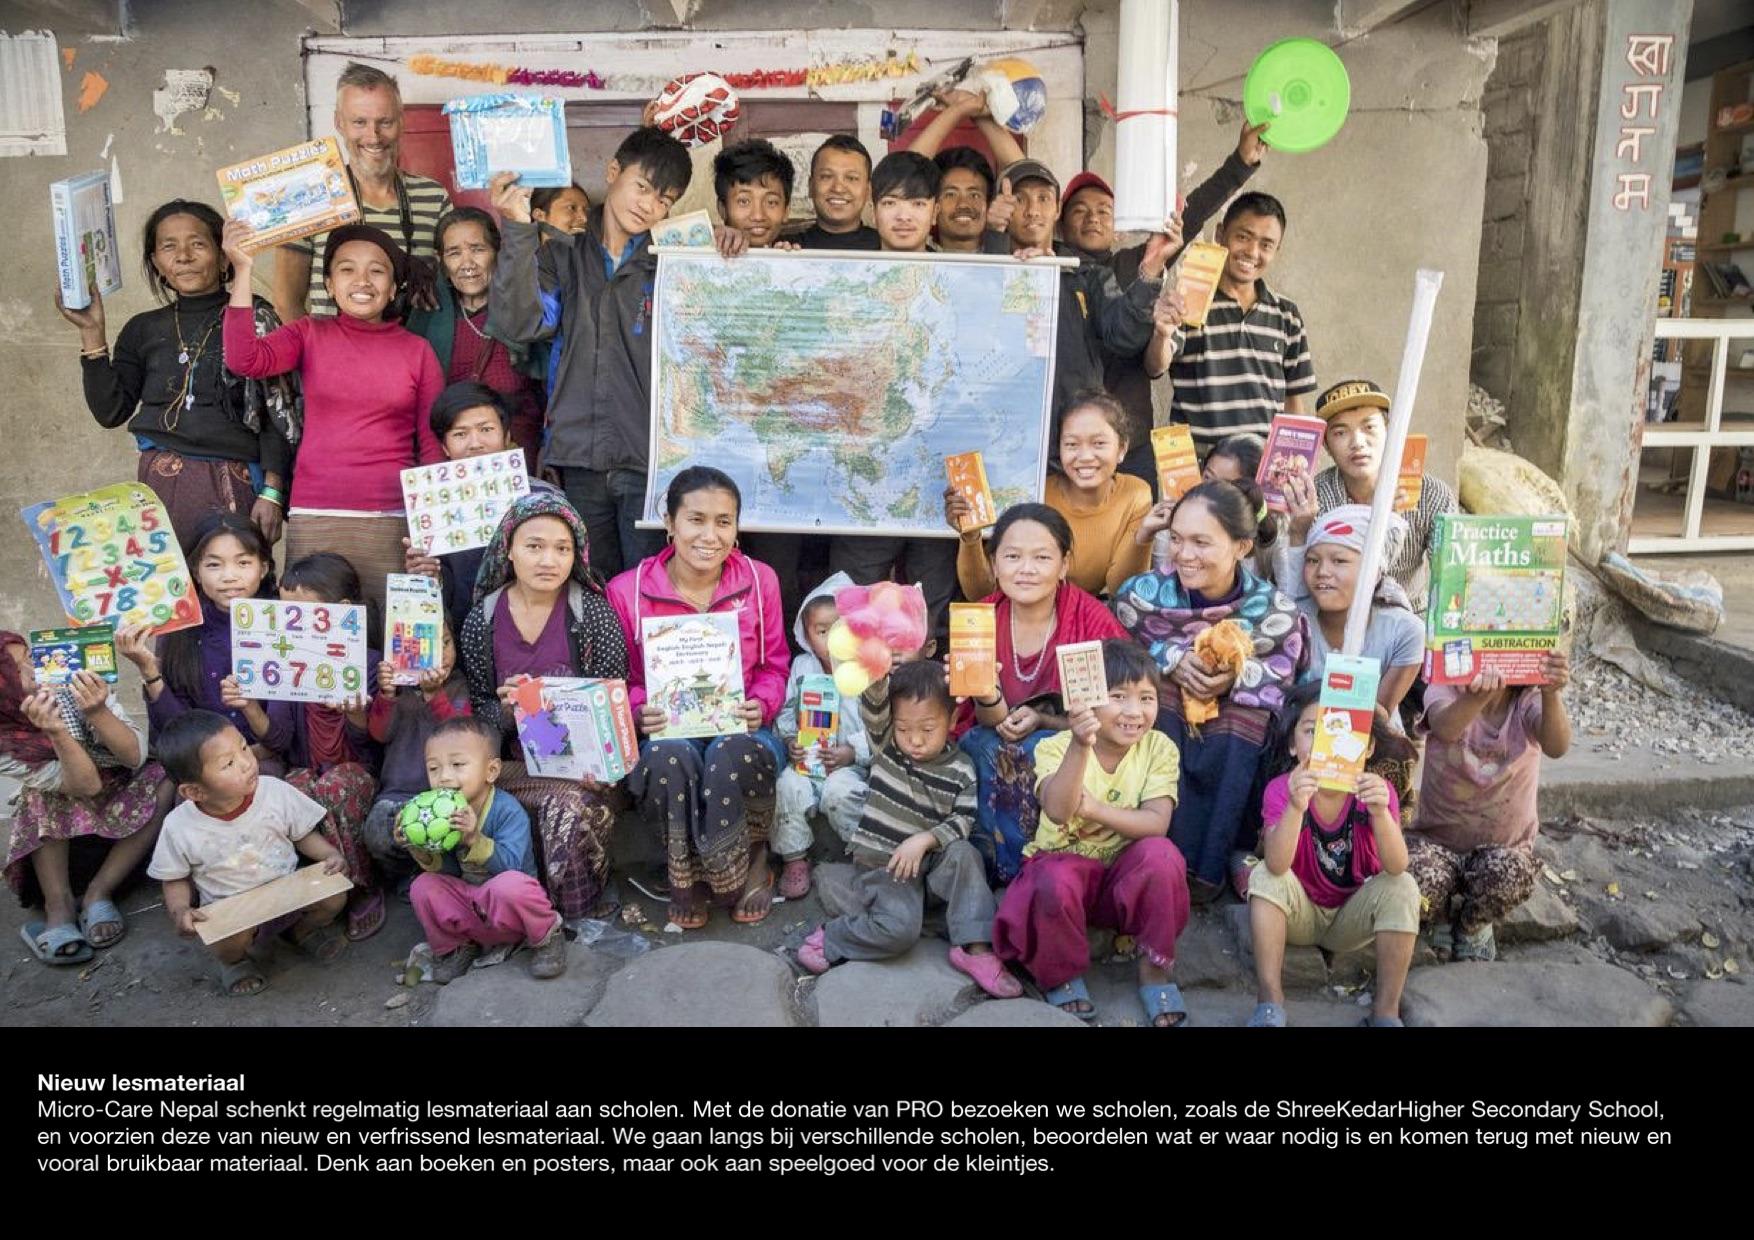 Sponsoring-Micro-Care-Nepal-2.jpg